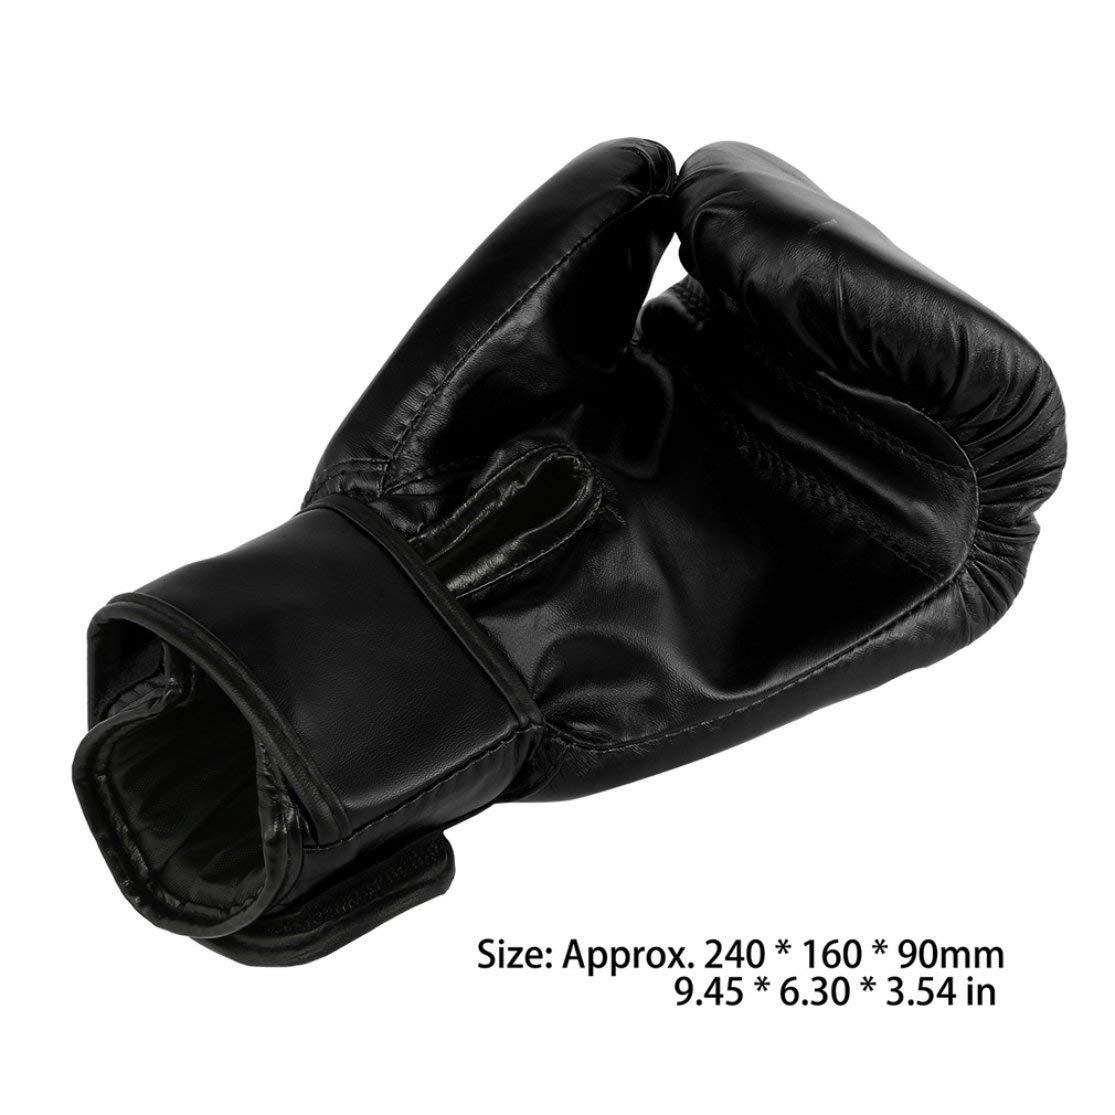 Color:Black Kaemma Guantes de Boxeo para Adultos Rojos y Negros Guantes de Saco de Arena Profesionales Guantes de Kickboxing Pugilismo Hombres Mujeres Entrenamiento Herramienta de Lucha